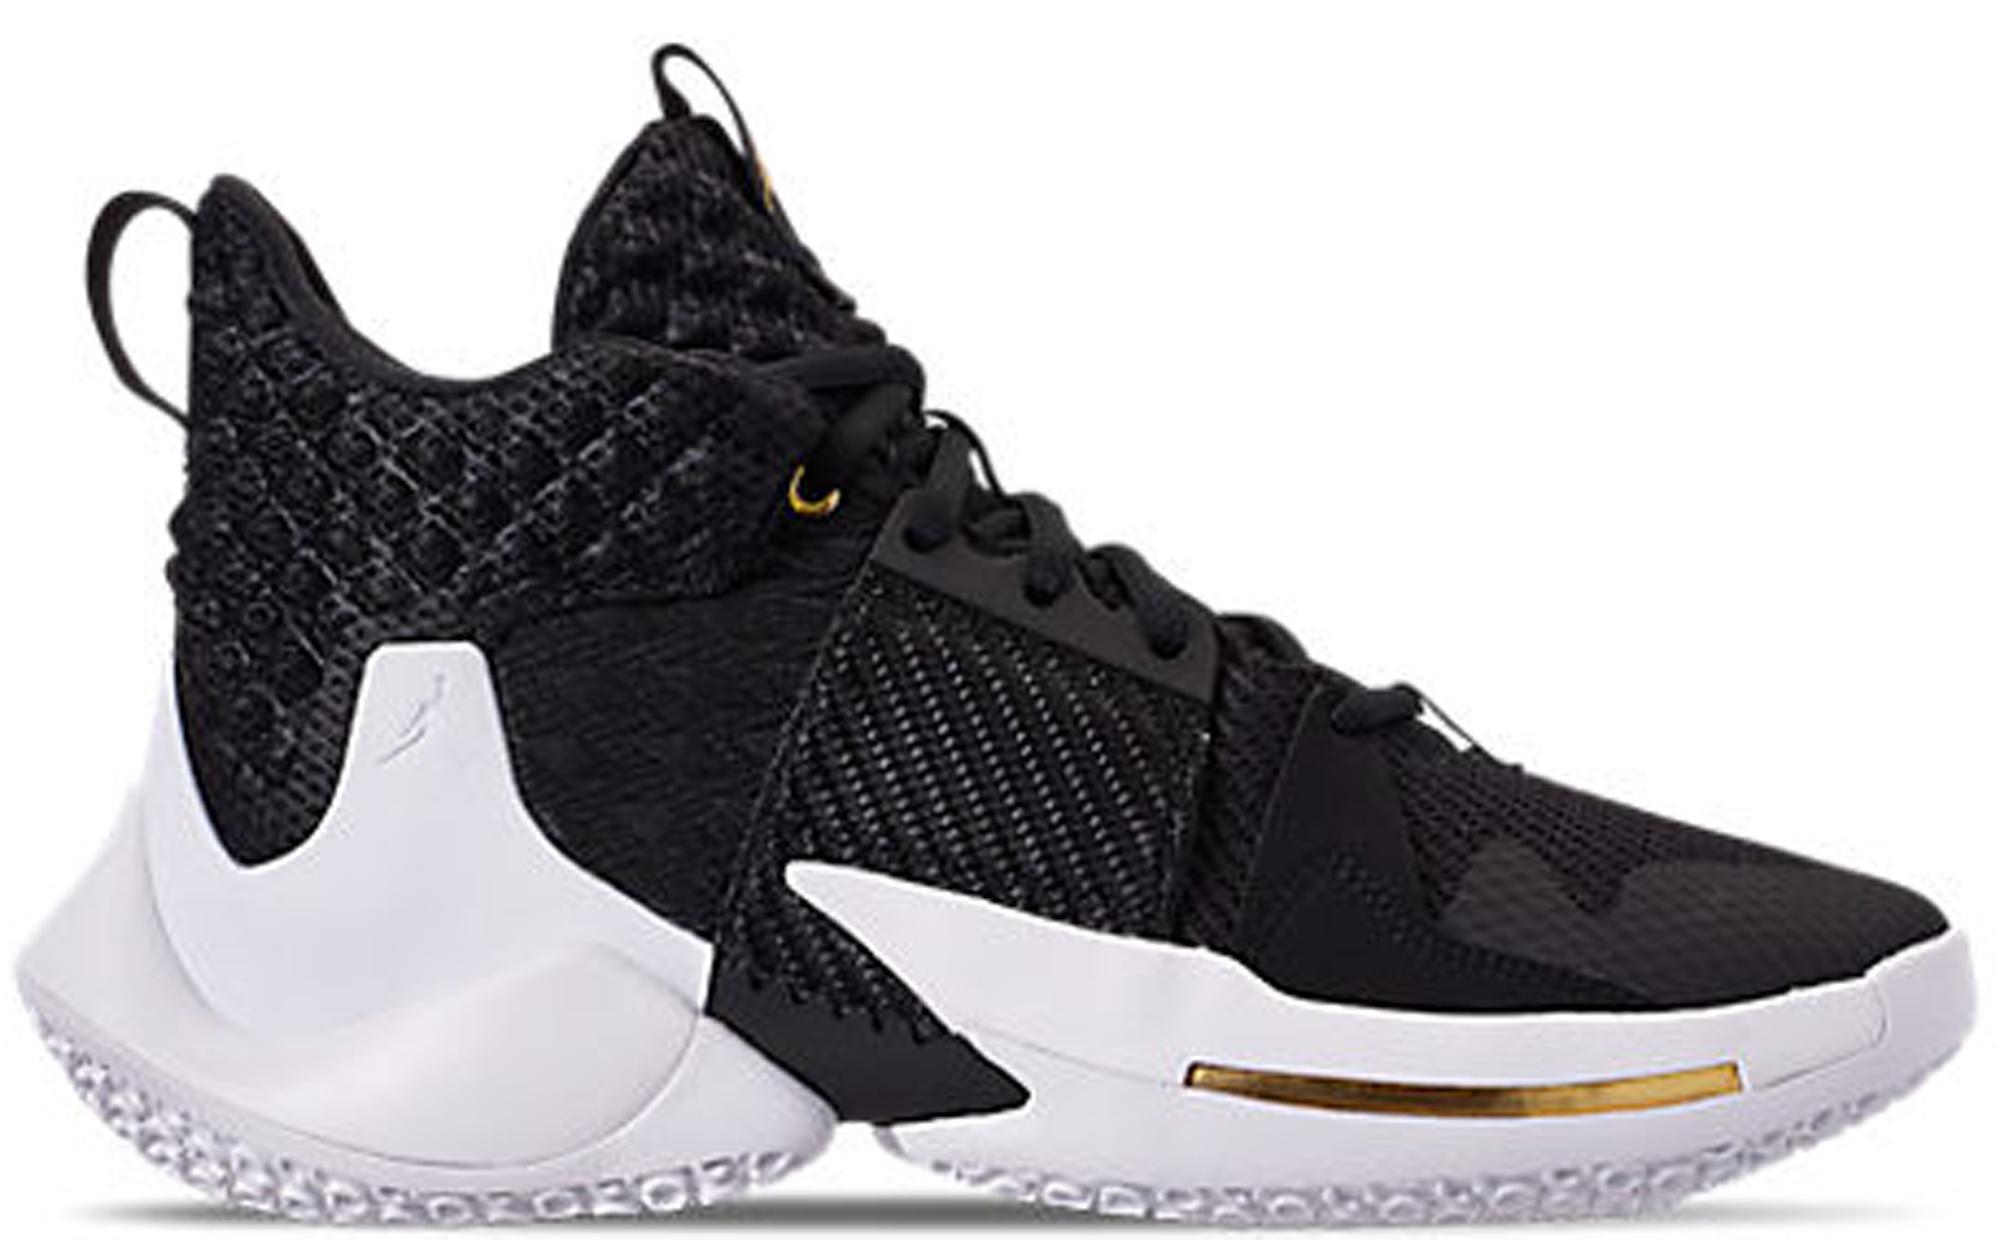 Jordan Why Not 0.2 Black White